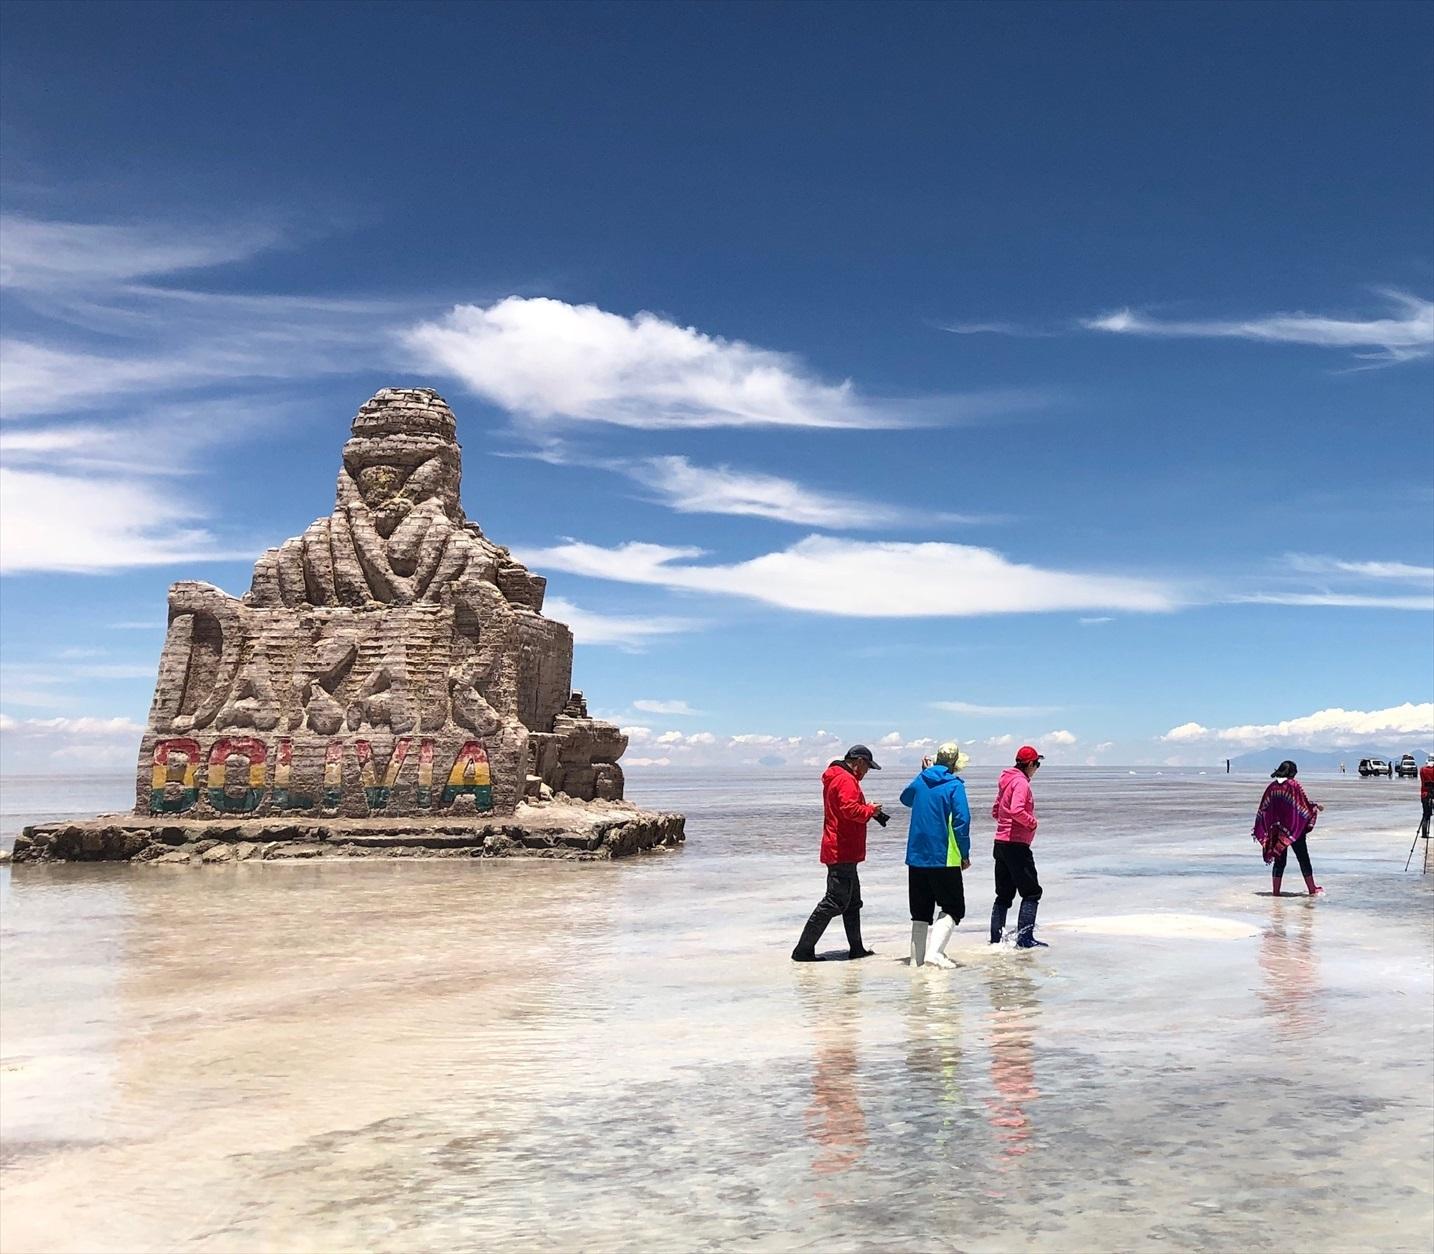 中南米の旅/29 ウユニ塩湖にある唯一のトイレ_a0092659_23390566.jpg